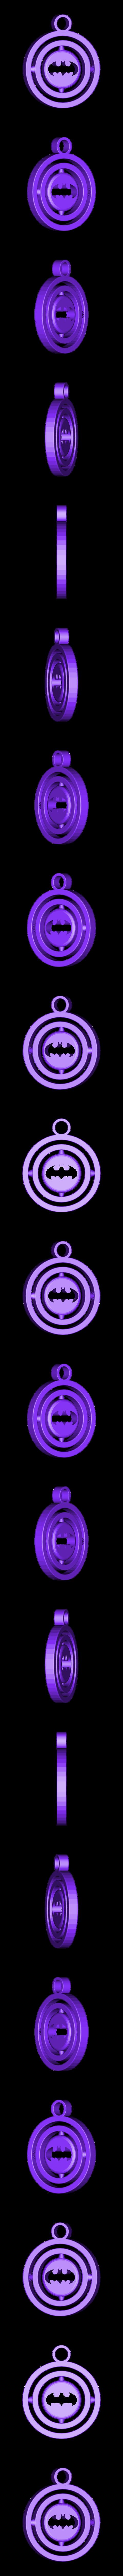 GMBLbtmn.stl Download free STL file Gimble key chain Batman • 3D printing design, ykratter